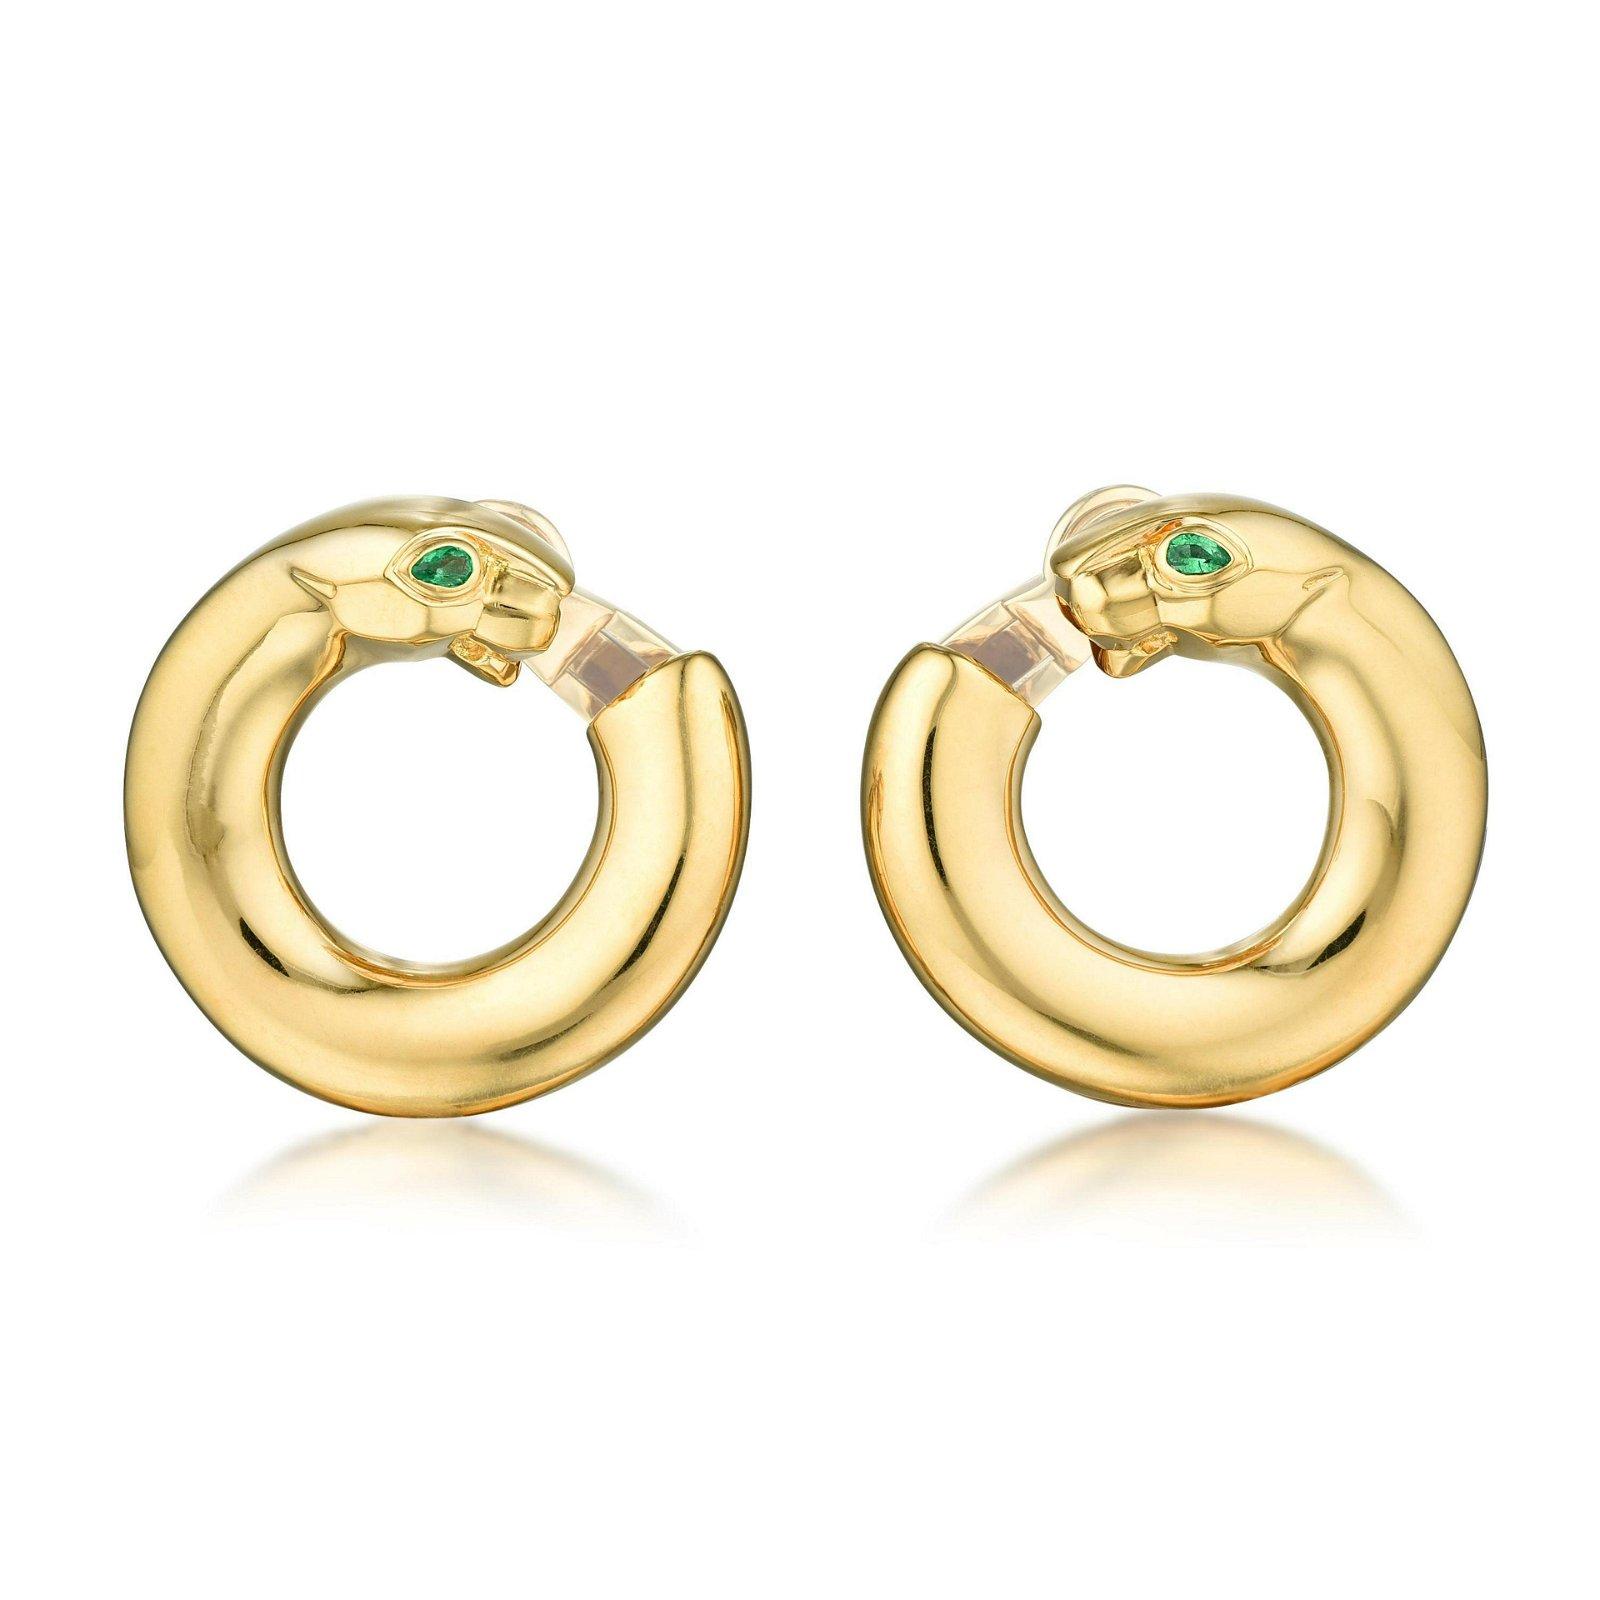 Cartier Panthere Hoop Earrings